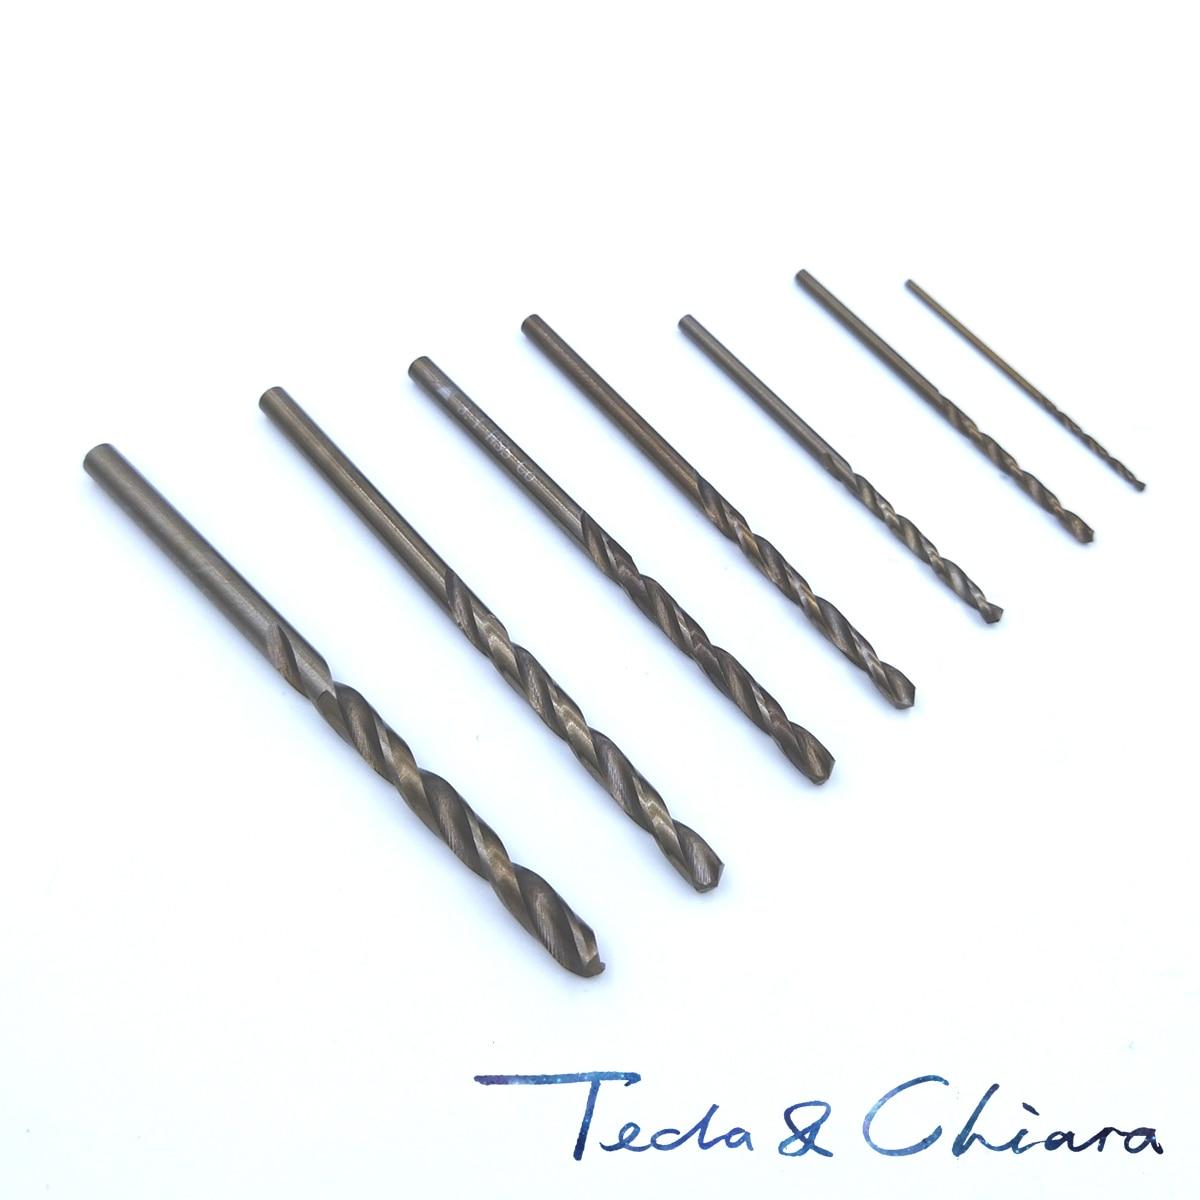 1pc Cobalt Drill Bit Co Steel Alloys Straight Shank Twist Drilll 9.1 mm à 12.0 mm